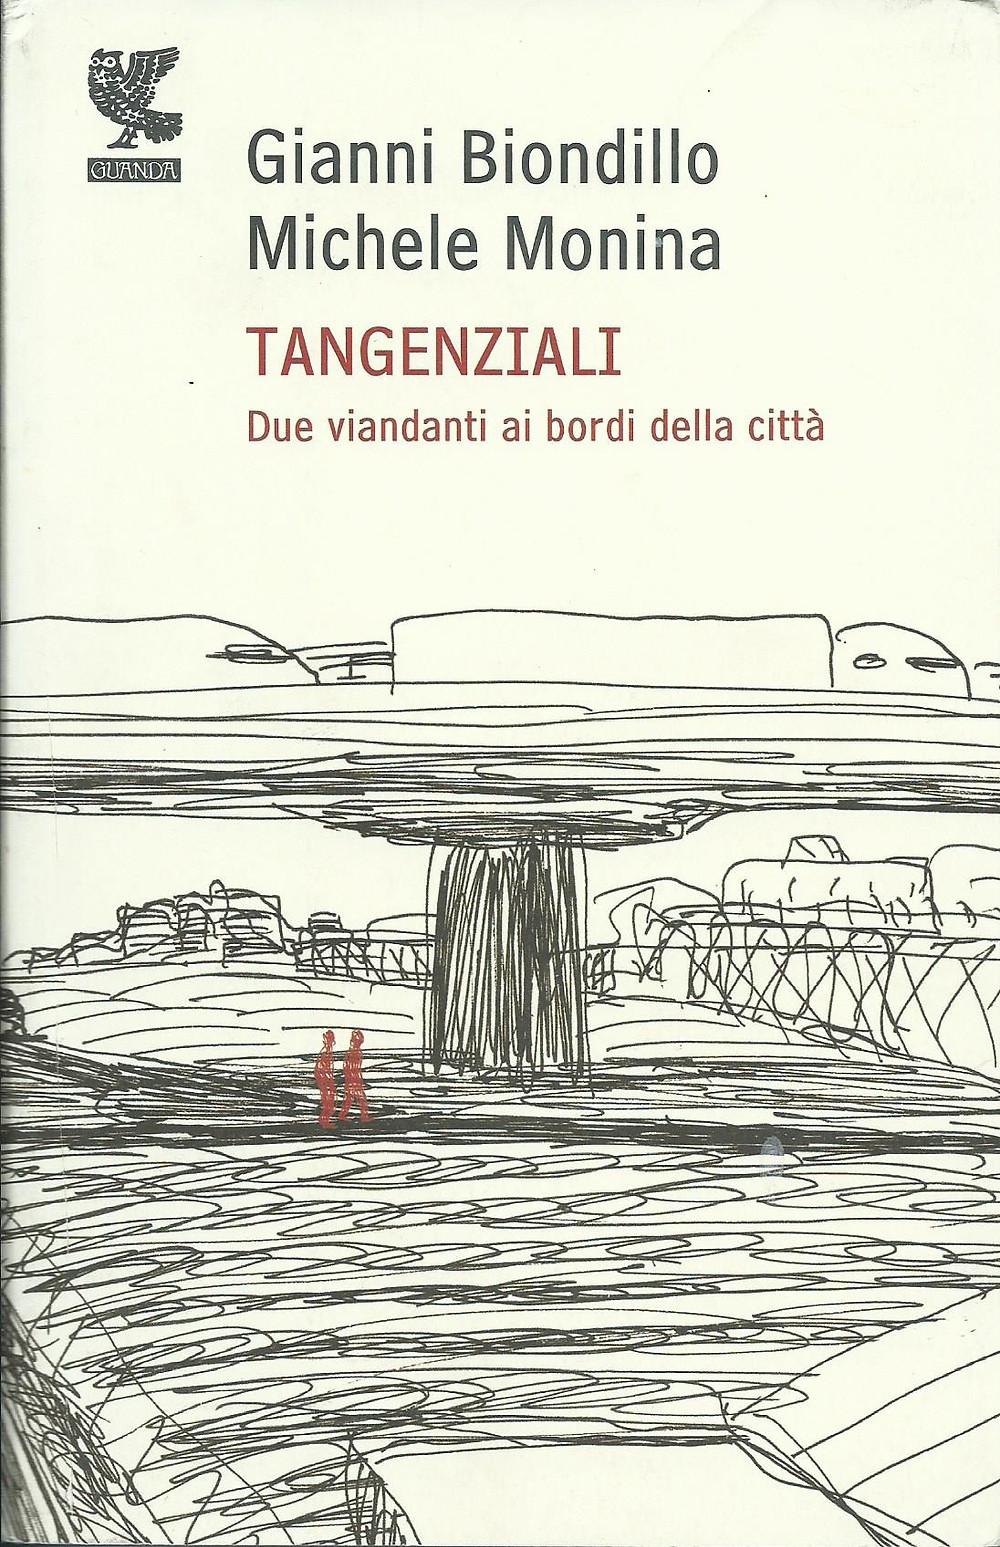 Gianni Biondillo, Michele Monina, Tangenziali